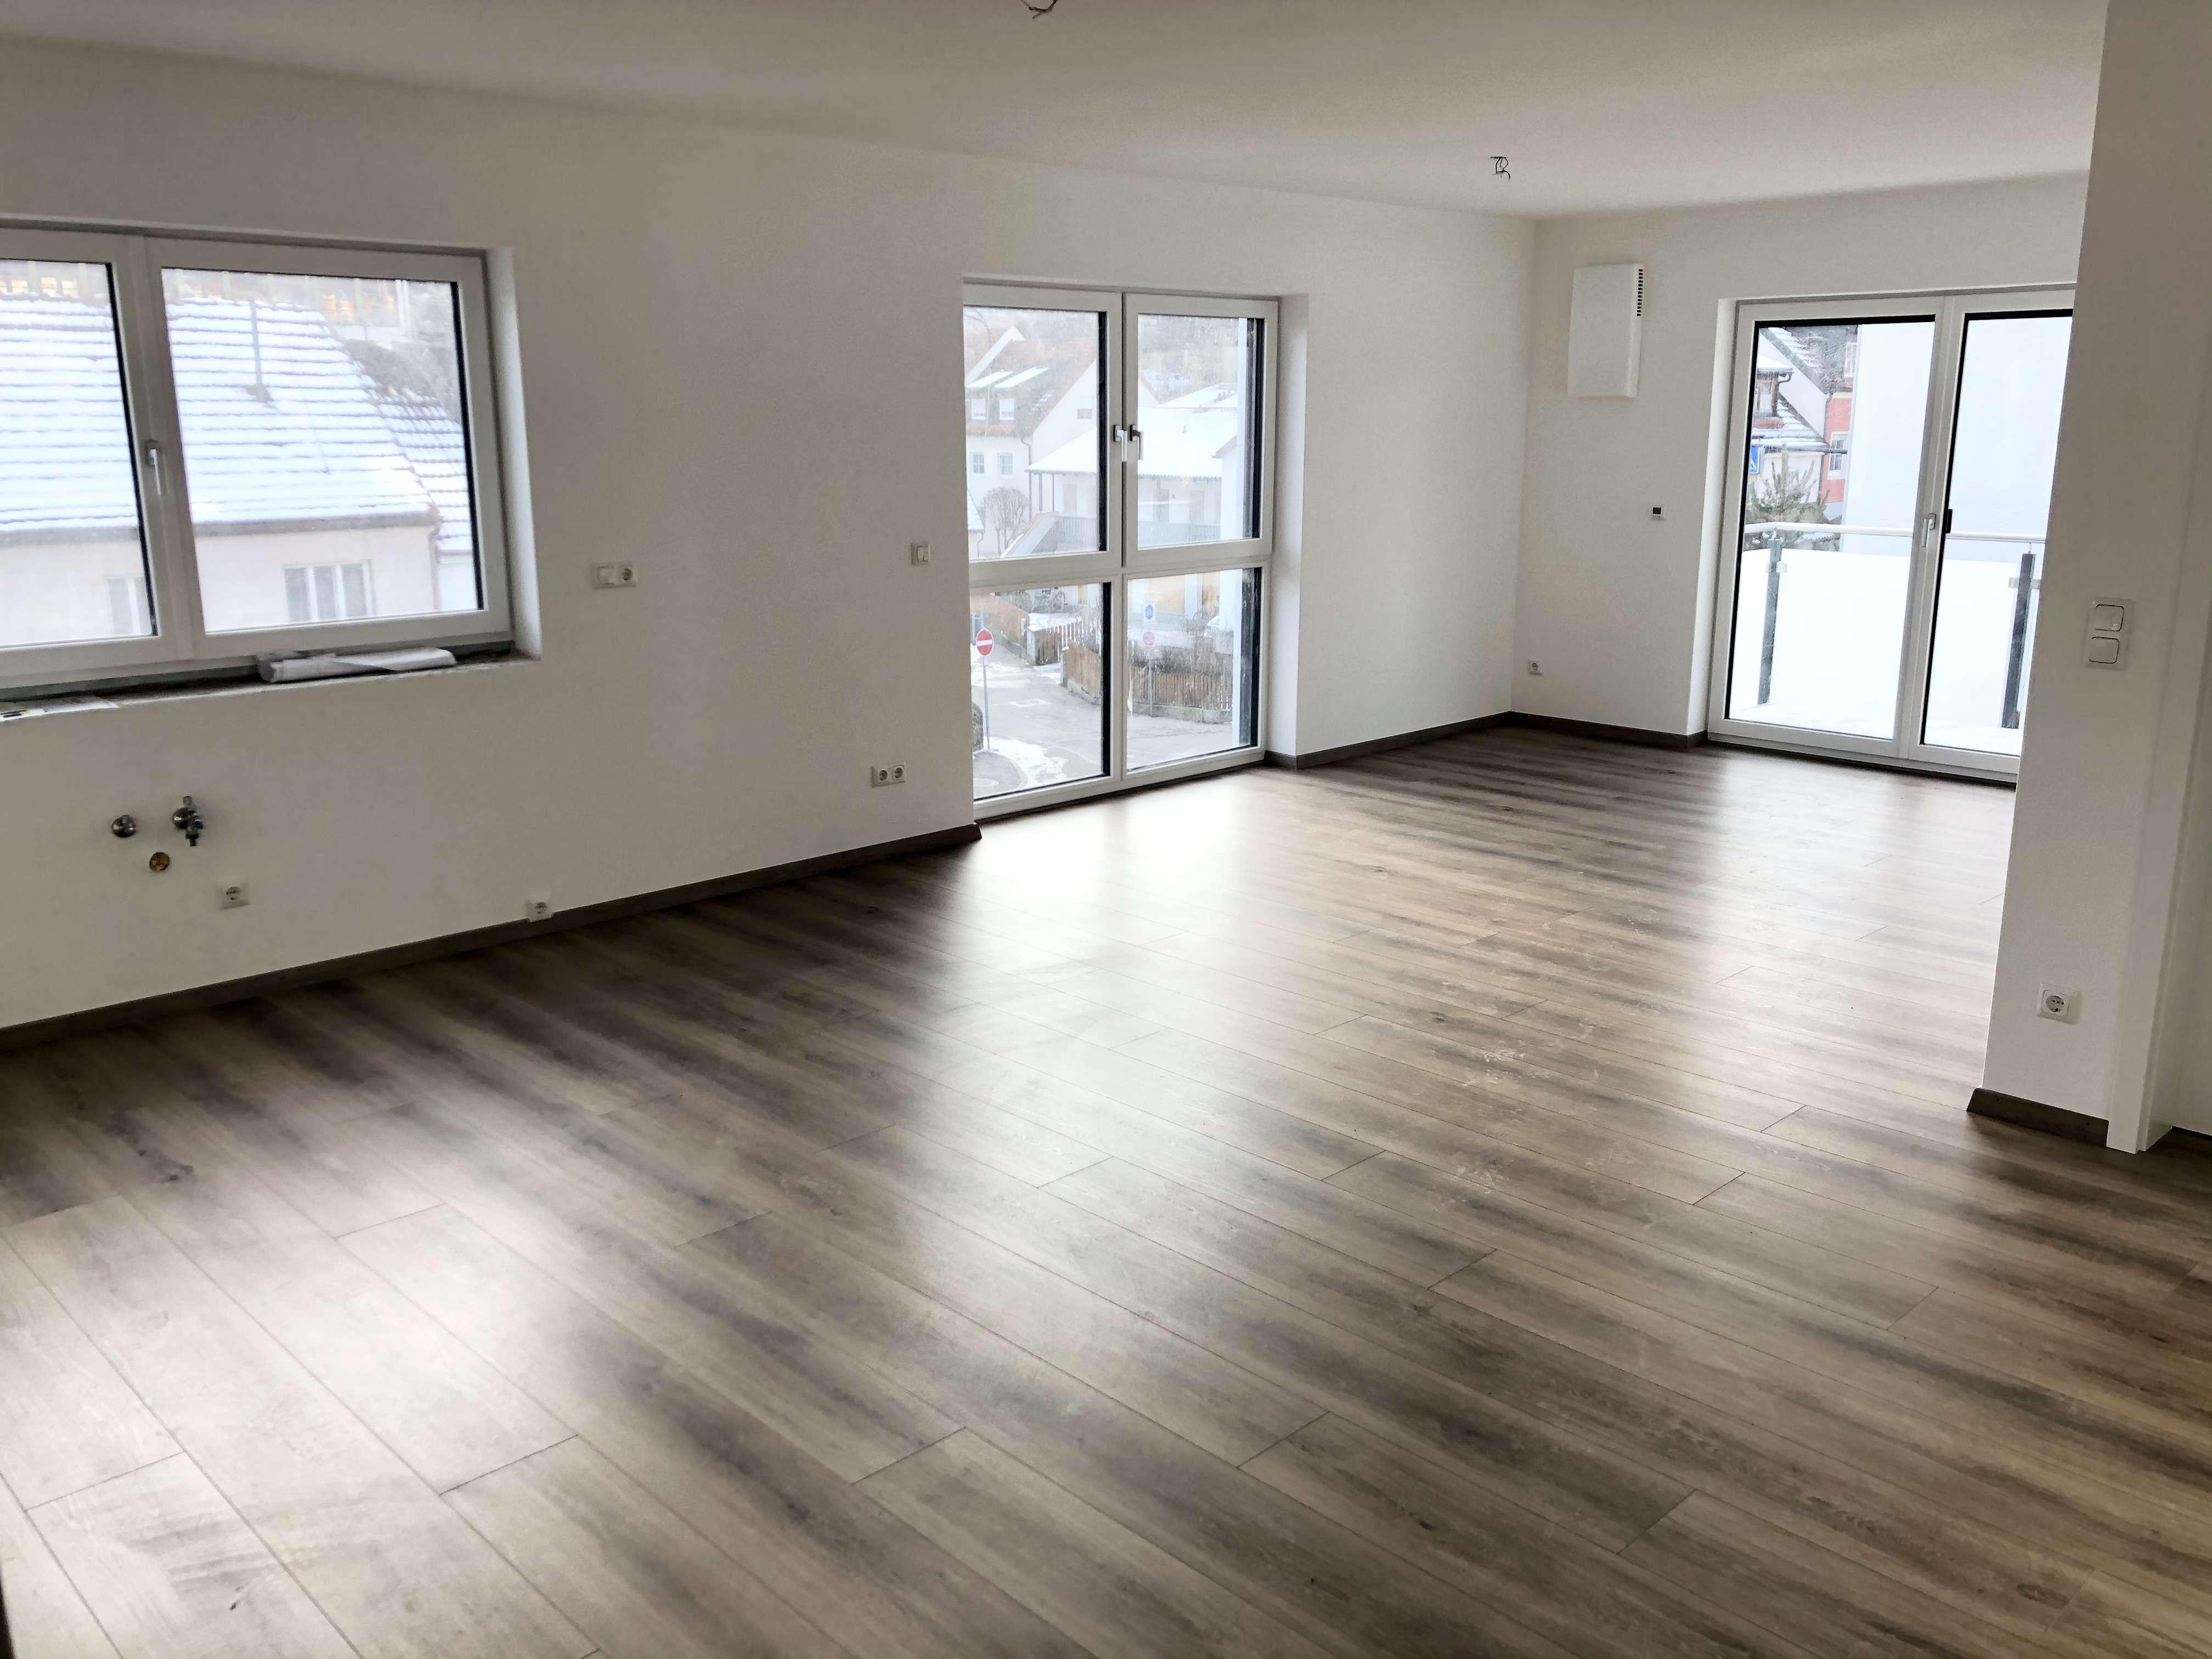 Exklusive 3-Zimmer-NEUBAU-Wohnung in Pfaffenhofen / Ilm zu vermieten! in